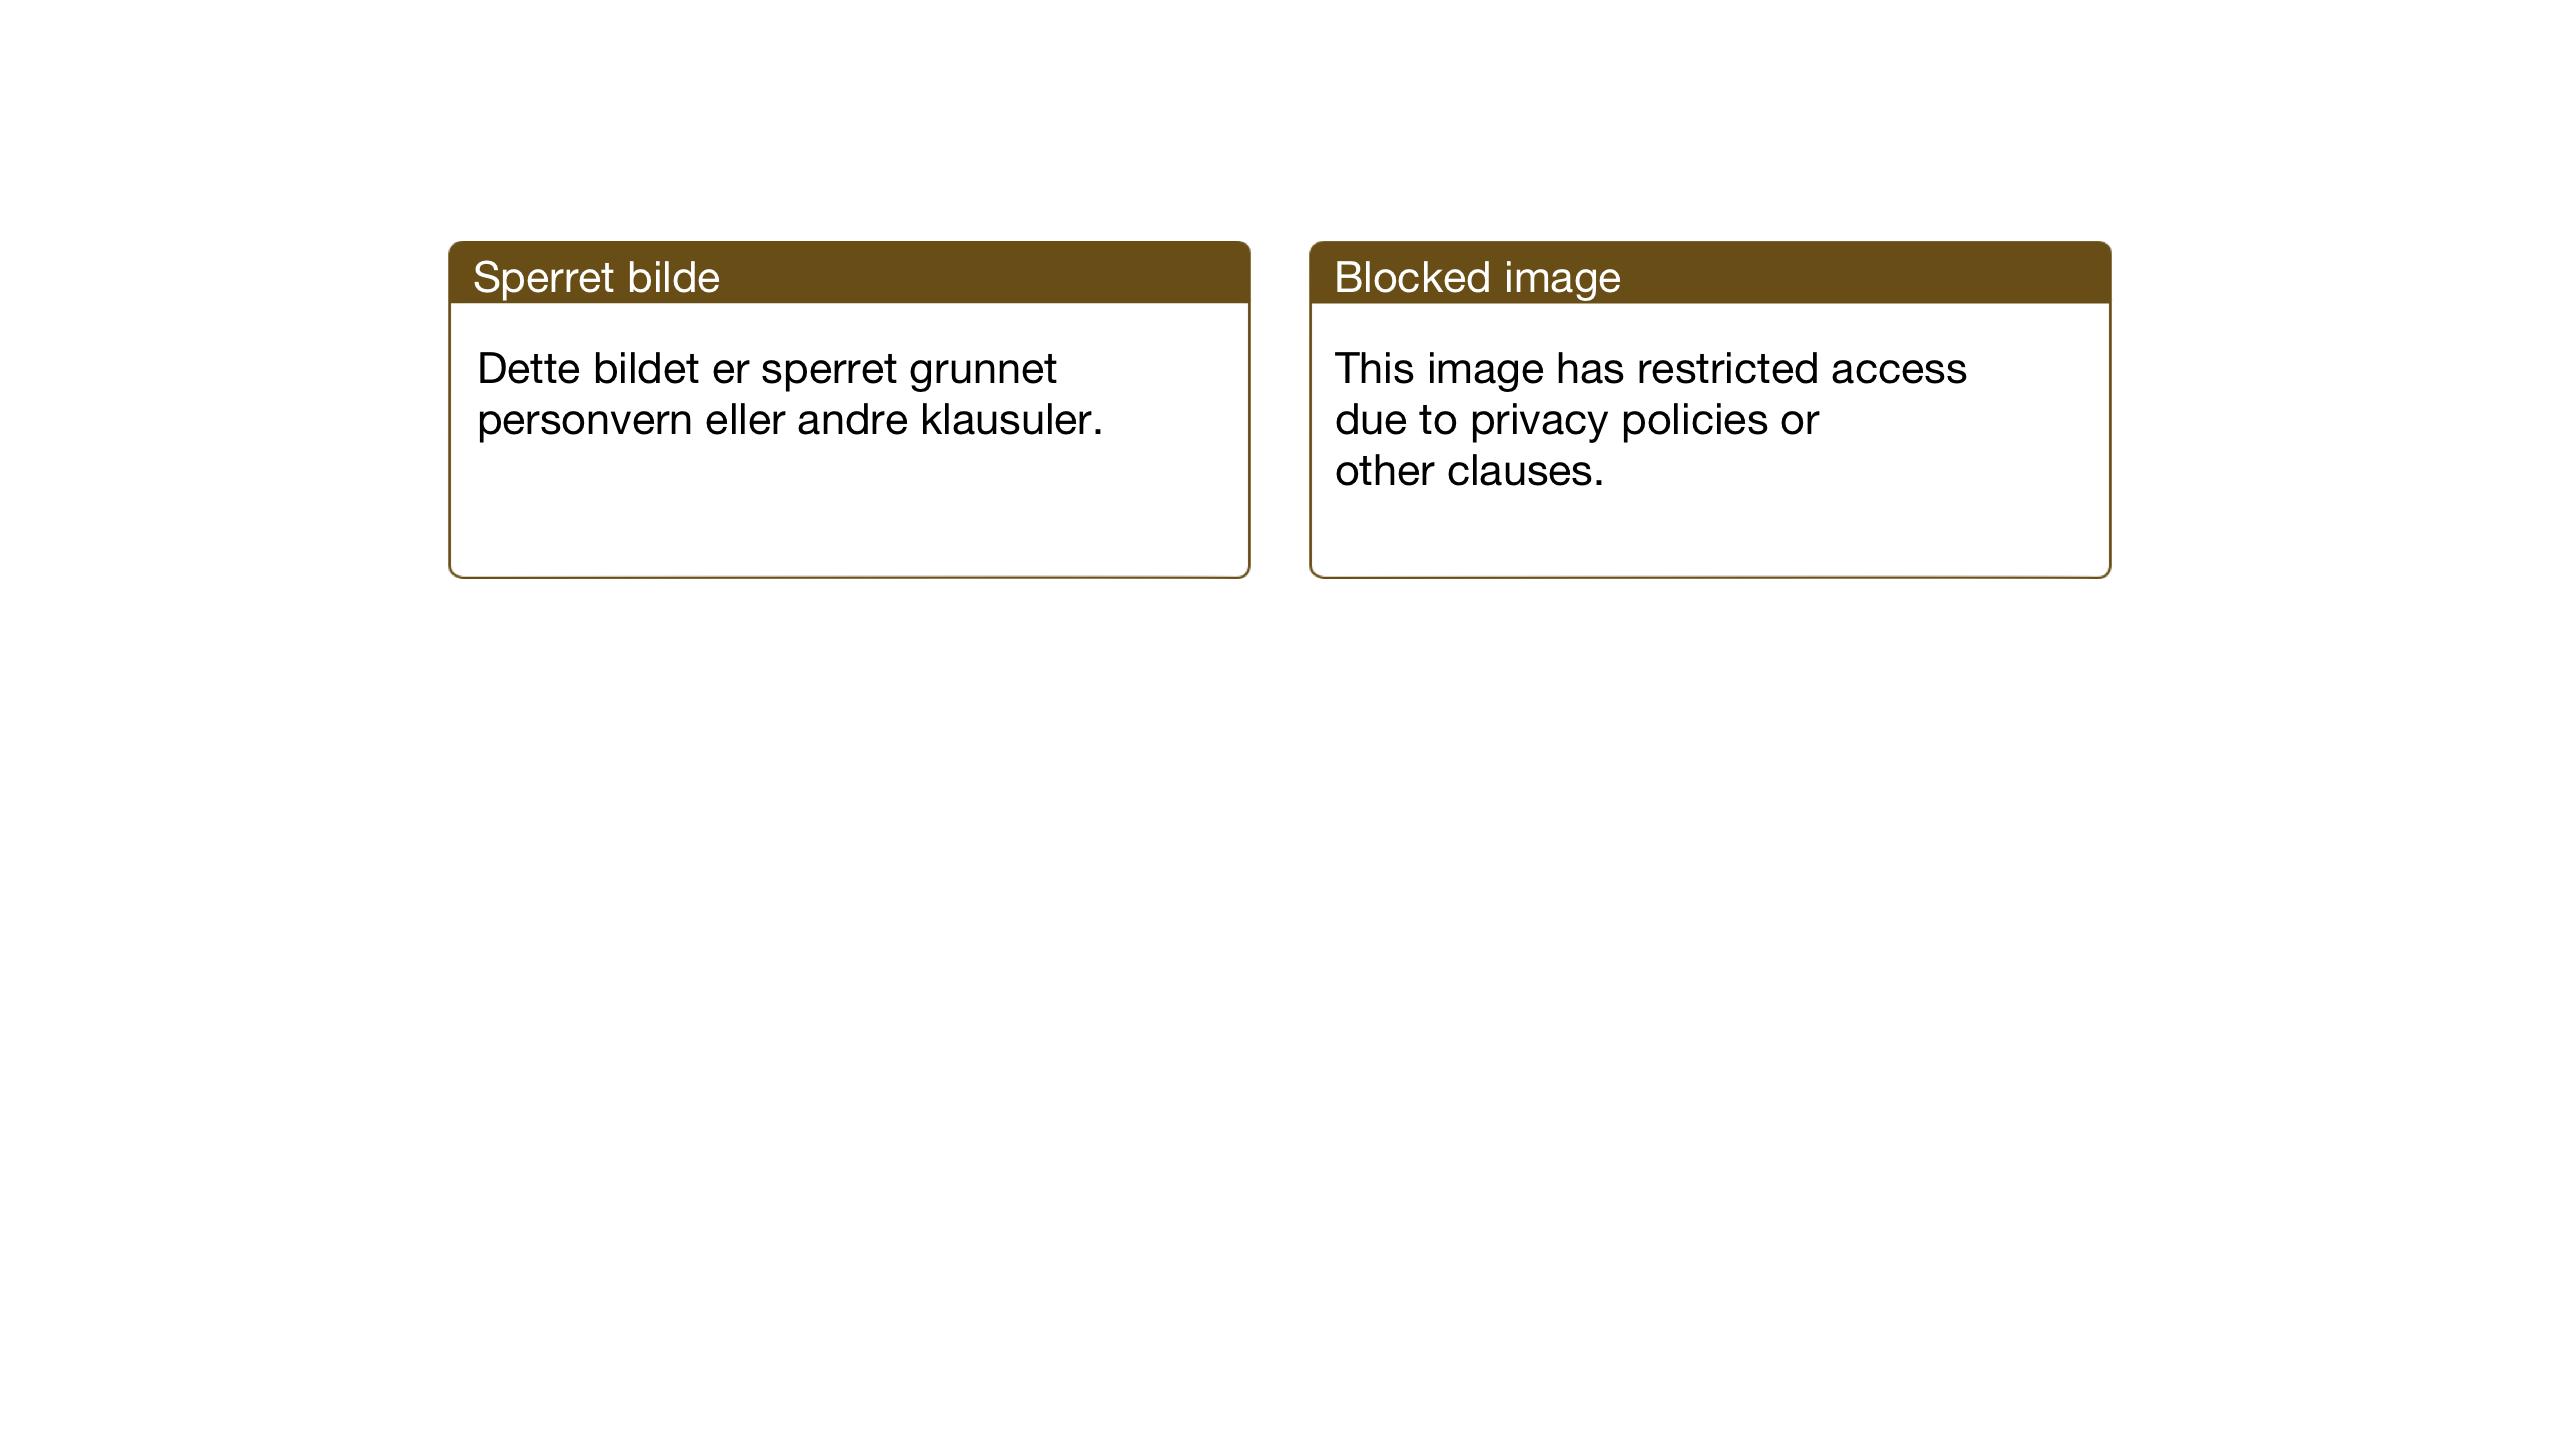 SAT, Ministerialprotokoller, klokkerbøker og fødselsregistre - Sør-Trøndelag, 682/L0947: Klokkerbok nr. 682C01, 1926-1968, s. 52